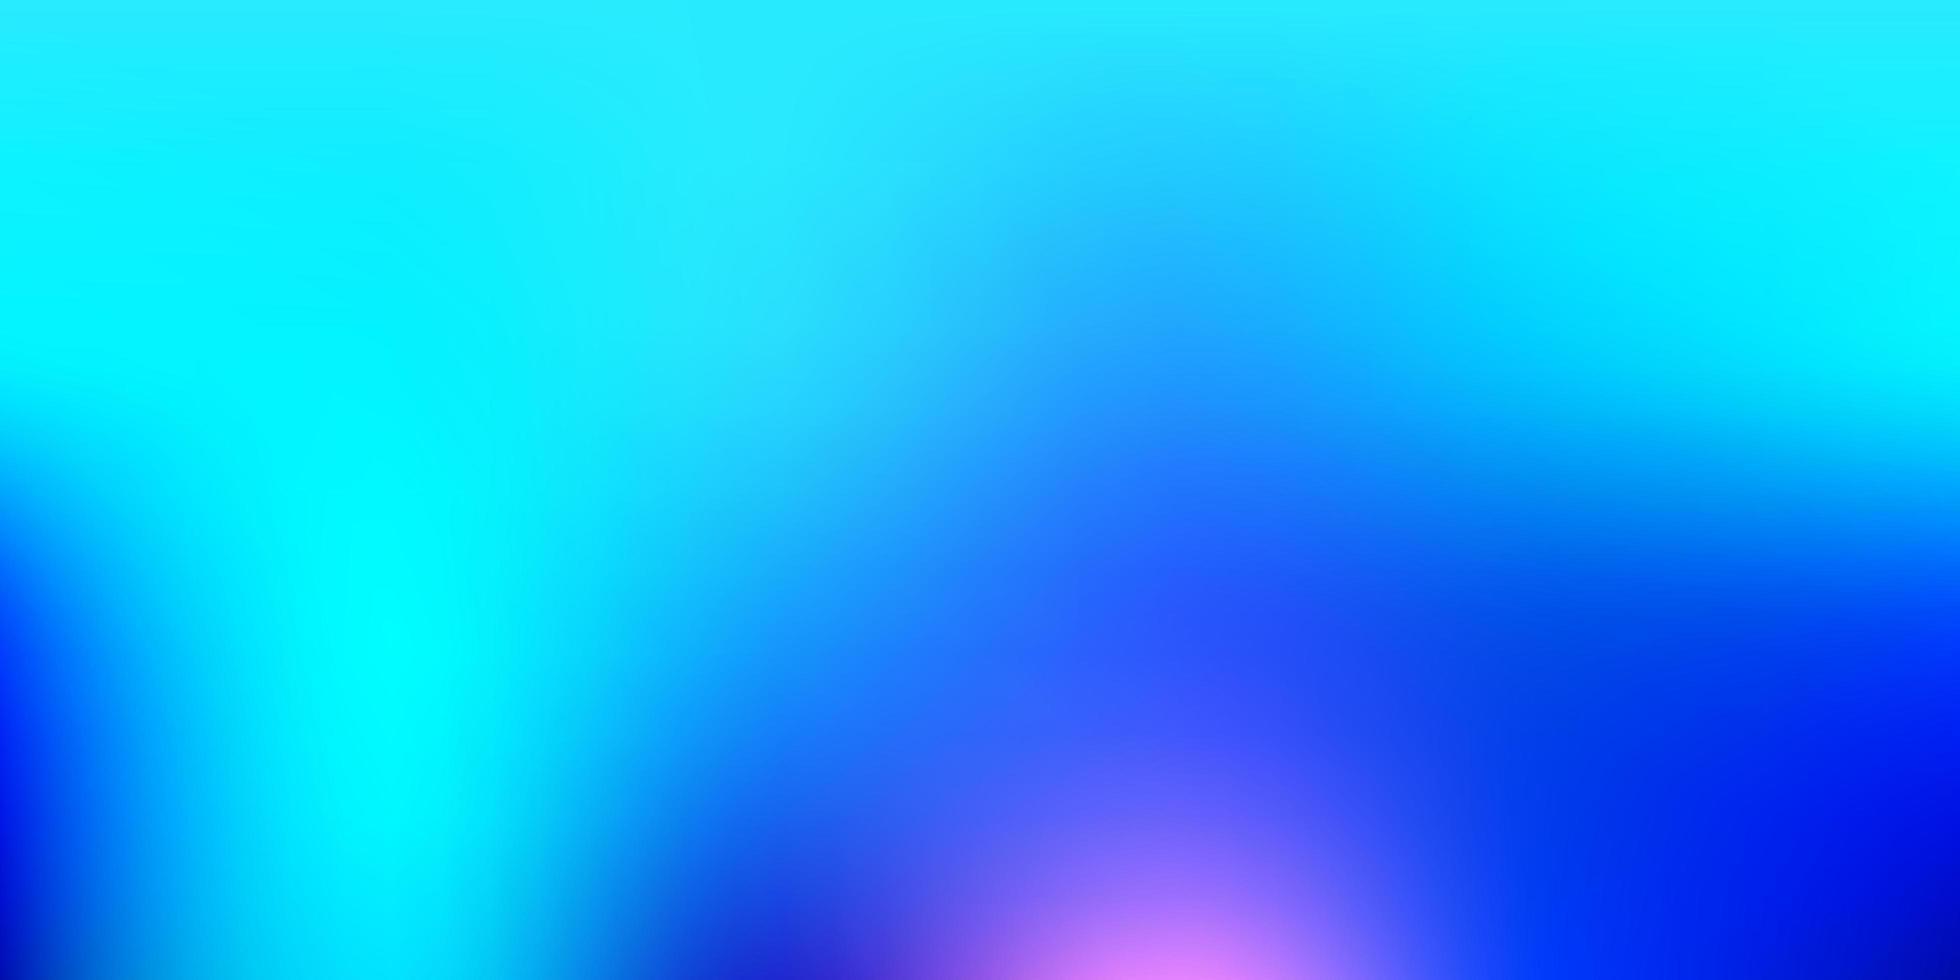 desenho de borrão de gradiente de vetor rosa escuro, azul.